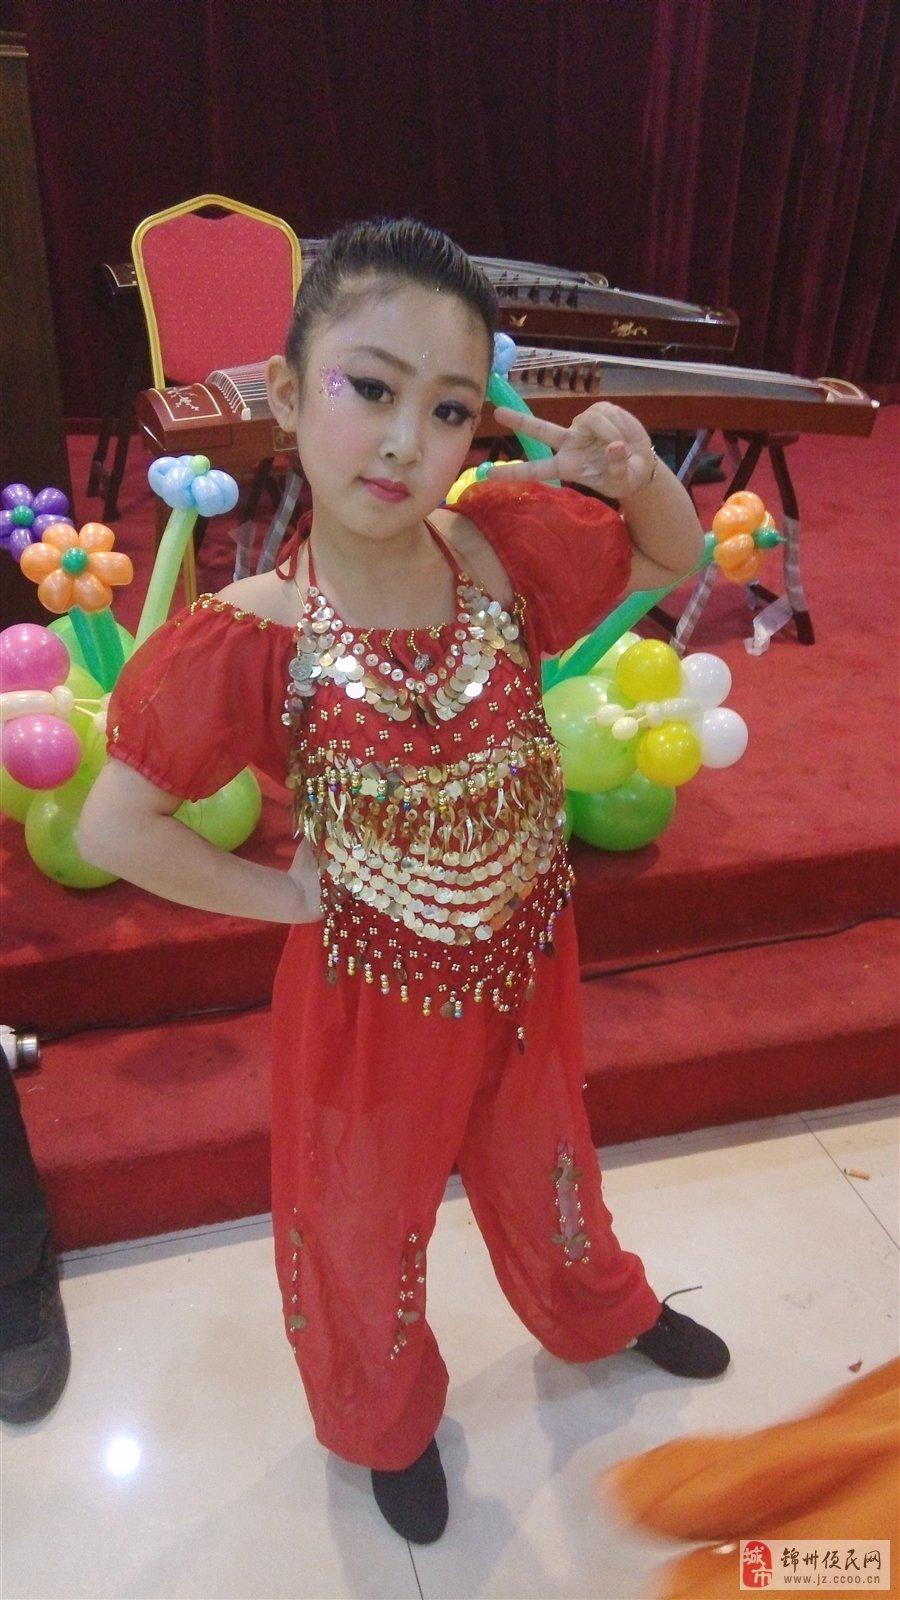 宝宝姓名:郭睿 宝宝年龄:9 宝宝介绍:活泼,可爱,让一切用美妙的舞步